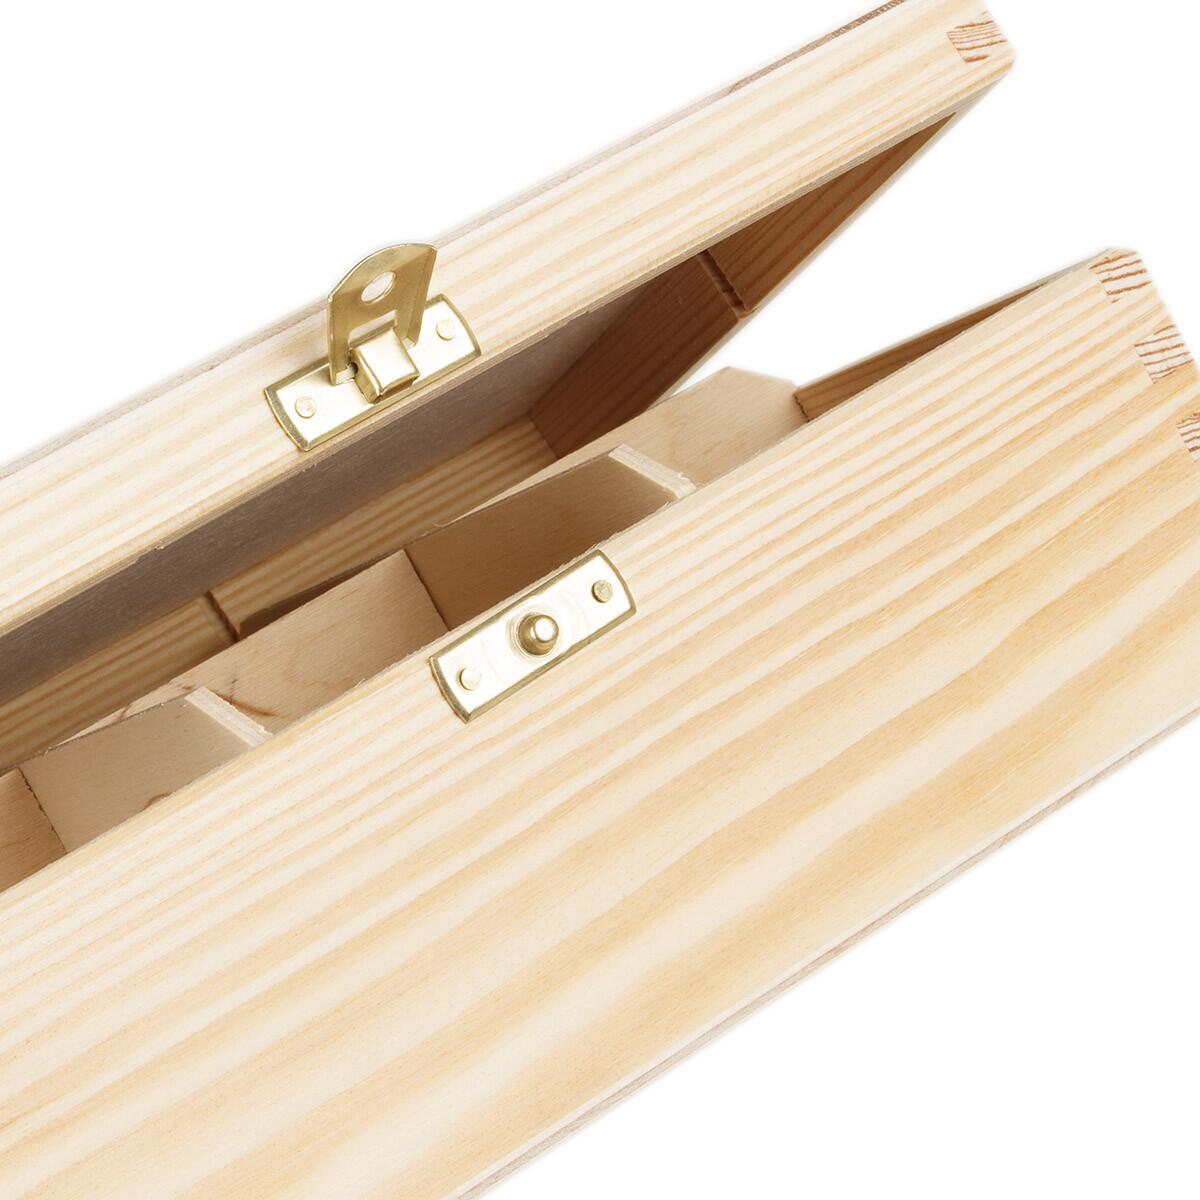 6 teef cher kiste aus hellem holz 225 x 165 mm. Black Bedroom Furniture Sets. Home Design Ideas